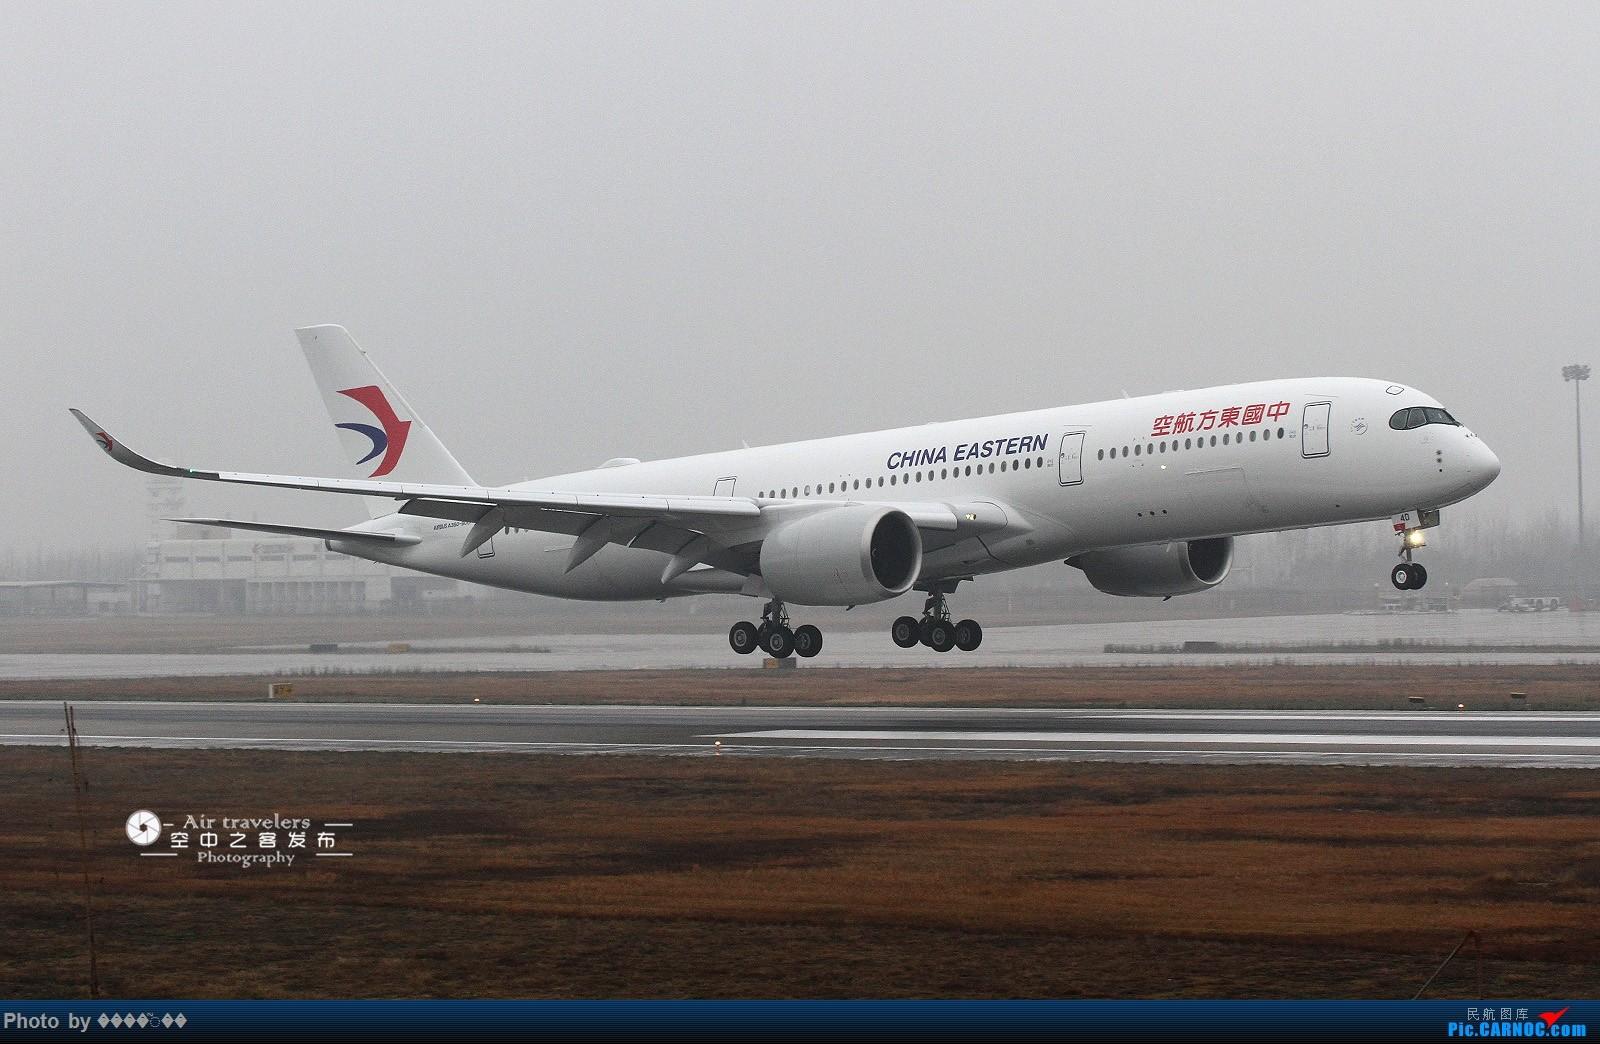 [原创][霸都打机队 空中之客发布]桥机场的高级灰:东航第一架空客A359 B-304D本训... AIRBUS A350-900 B-304D 合肥新桥国际机场